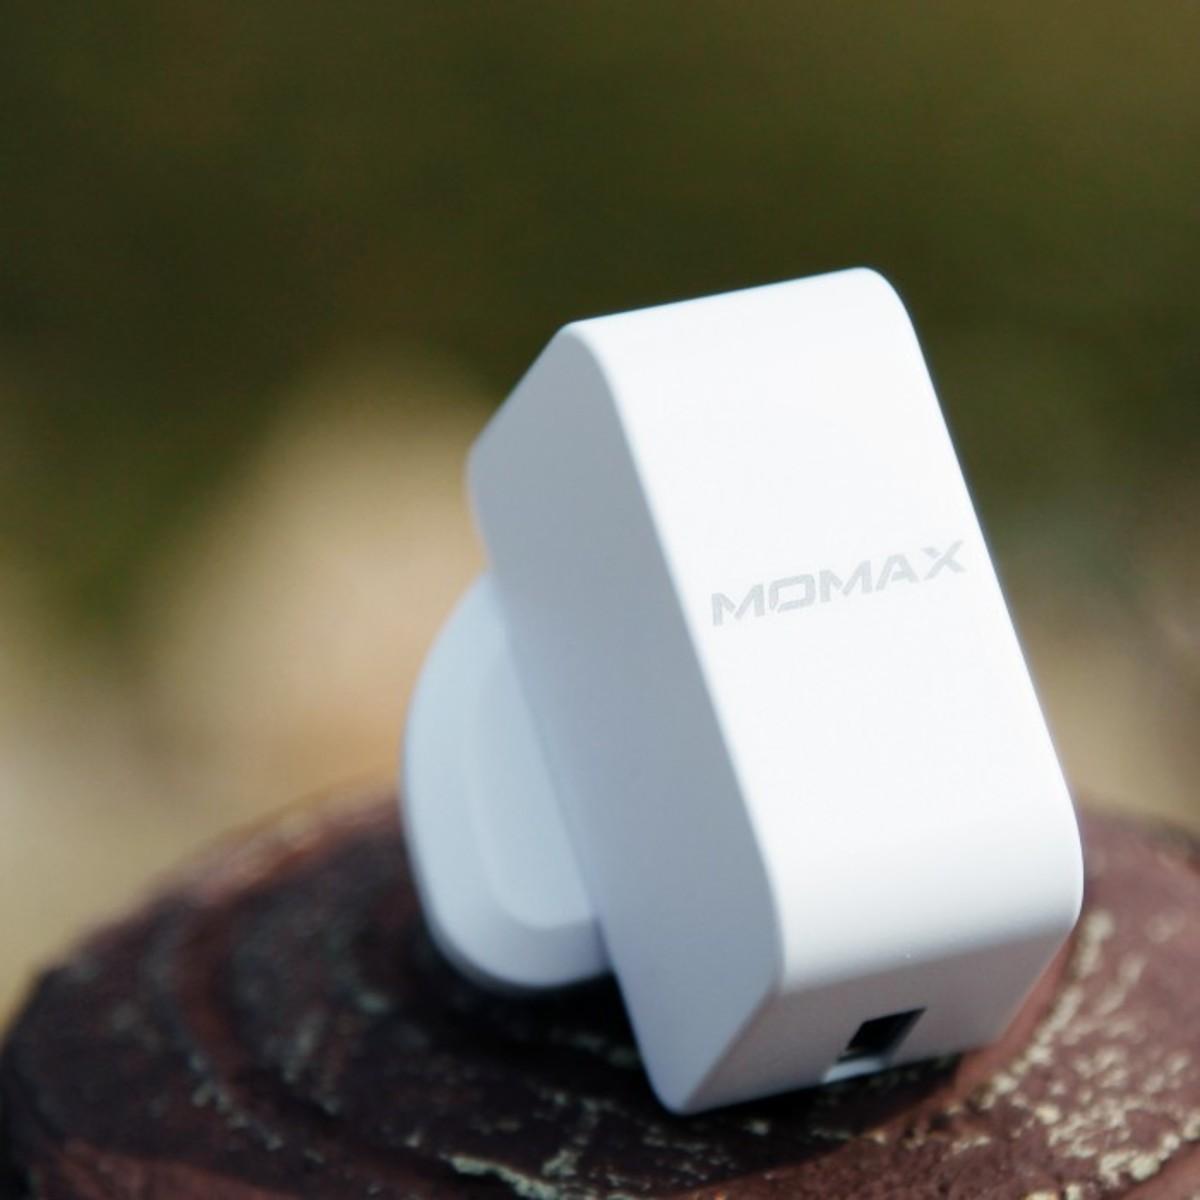 U.Bull junior 單輸出 USB 充電器 白色 UM1UKW